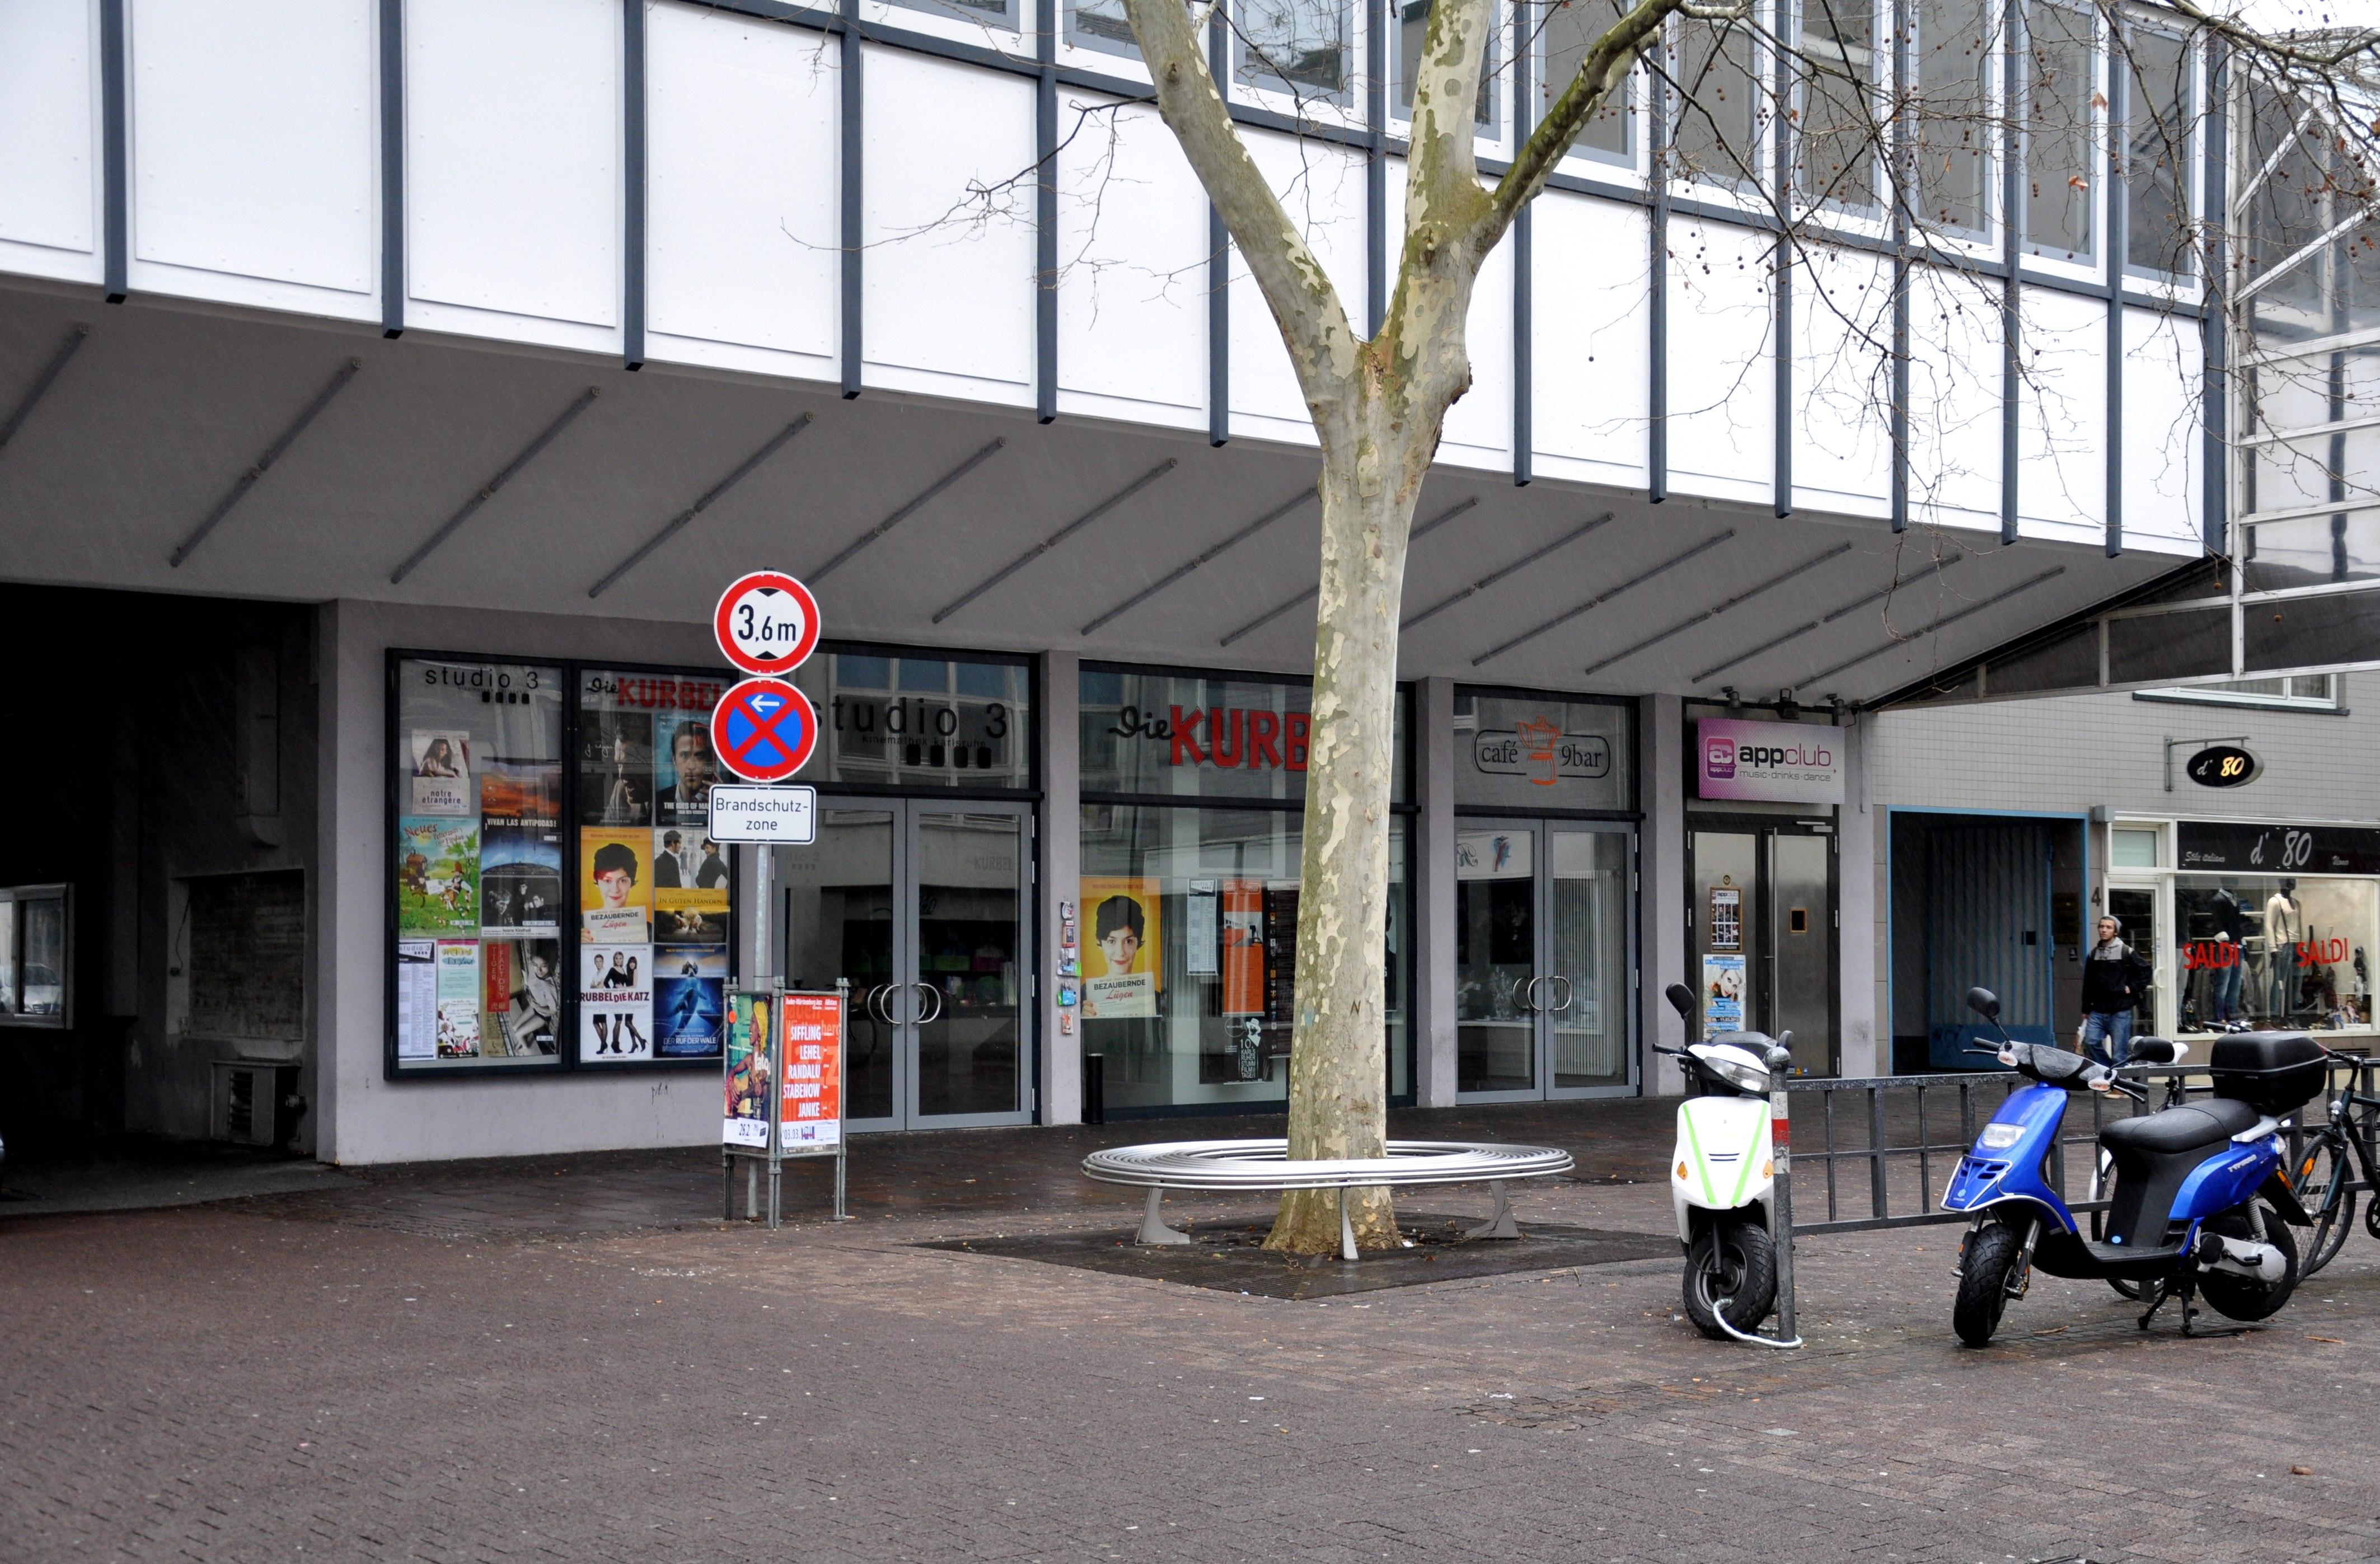 Die Kurbel Karlsruhe